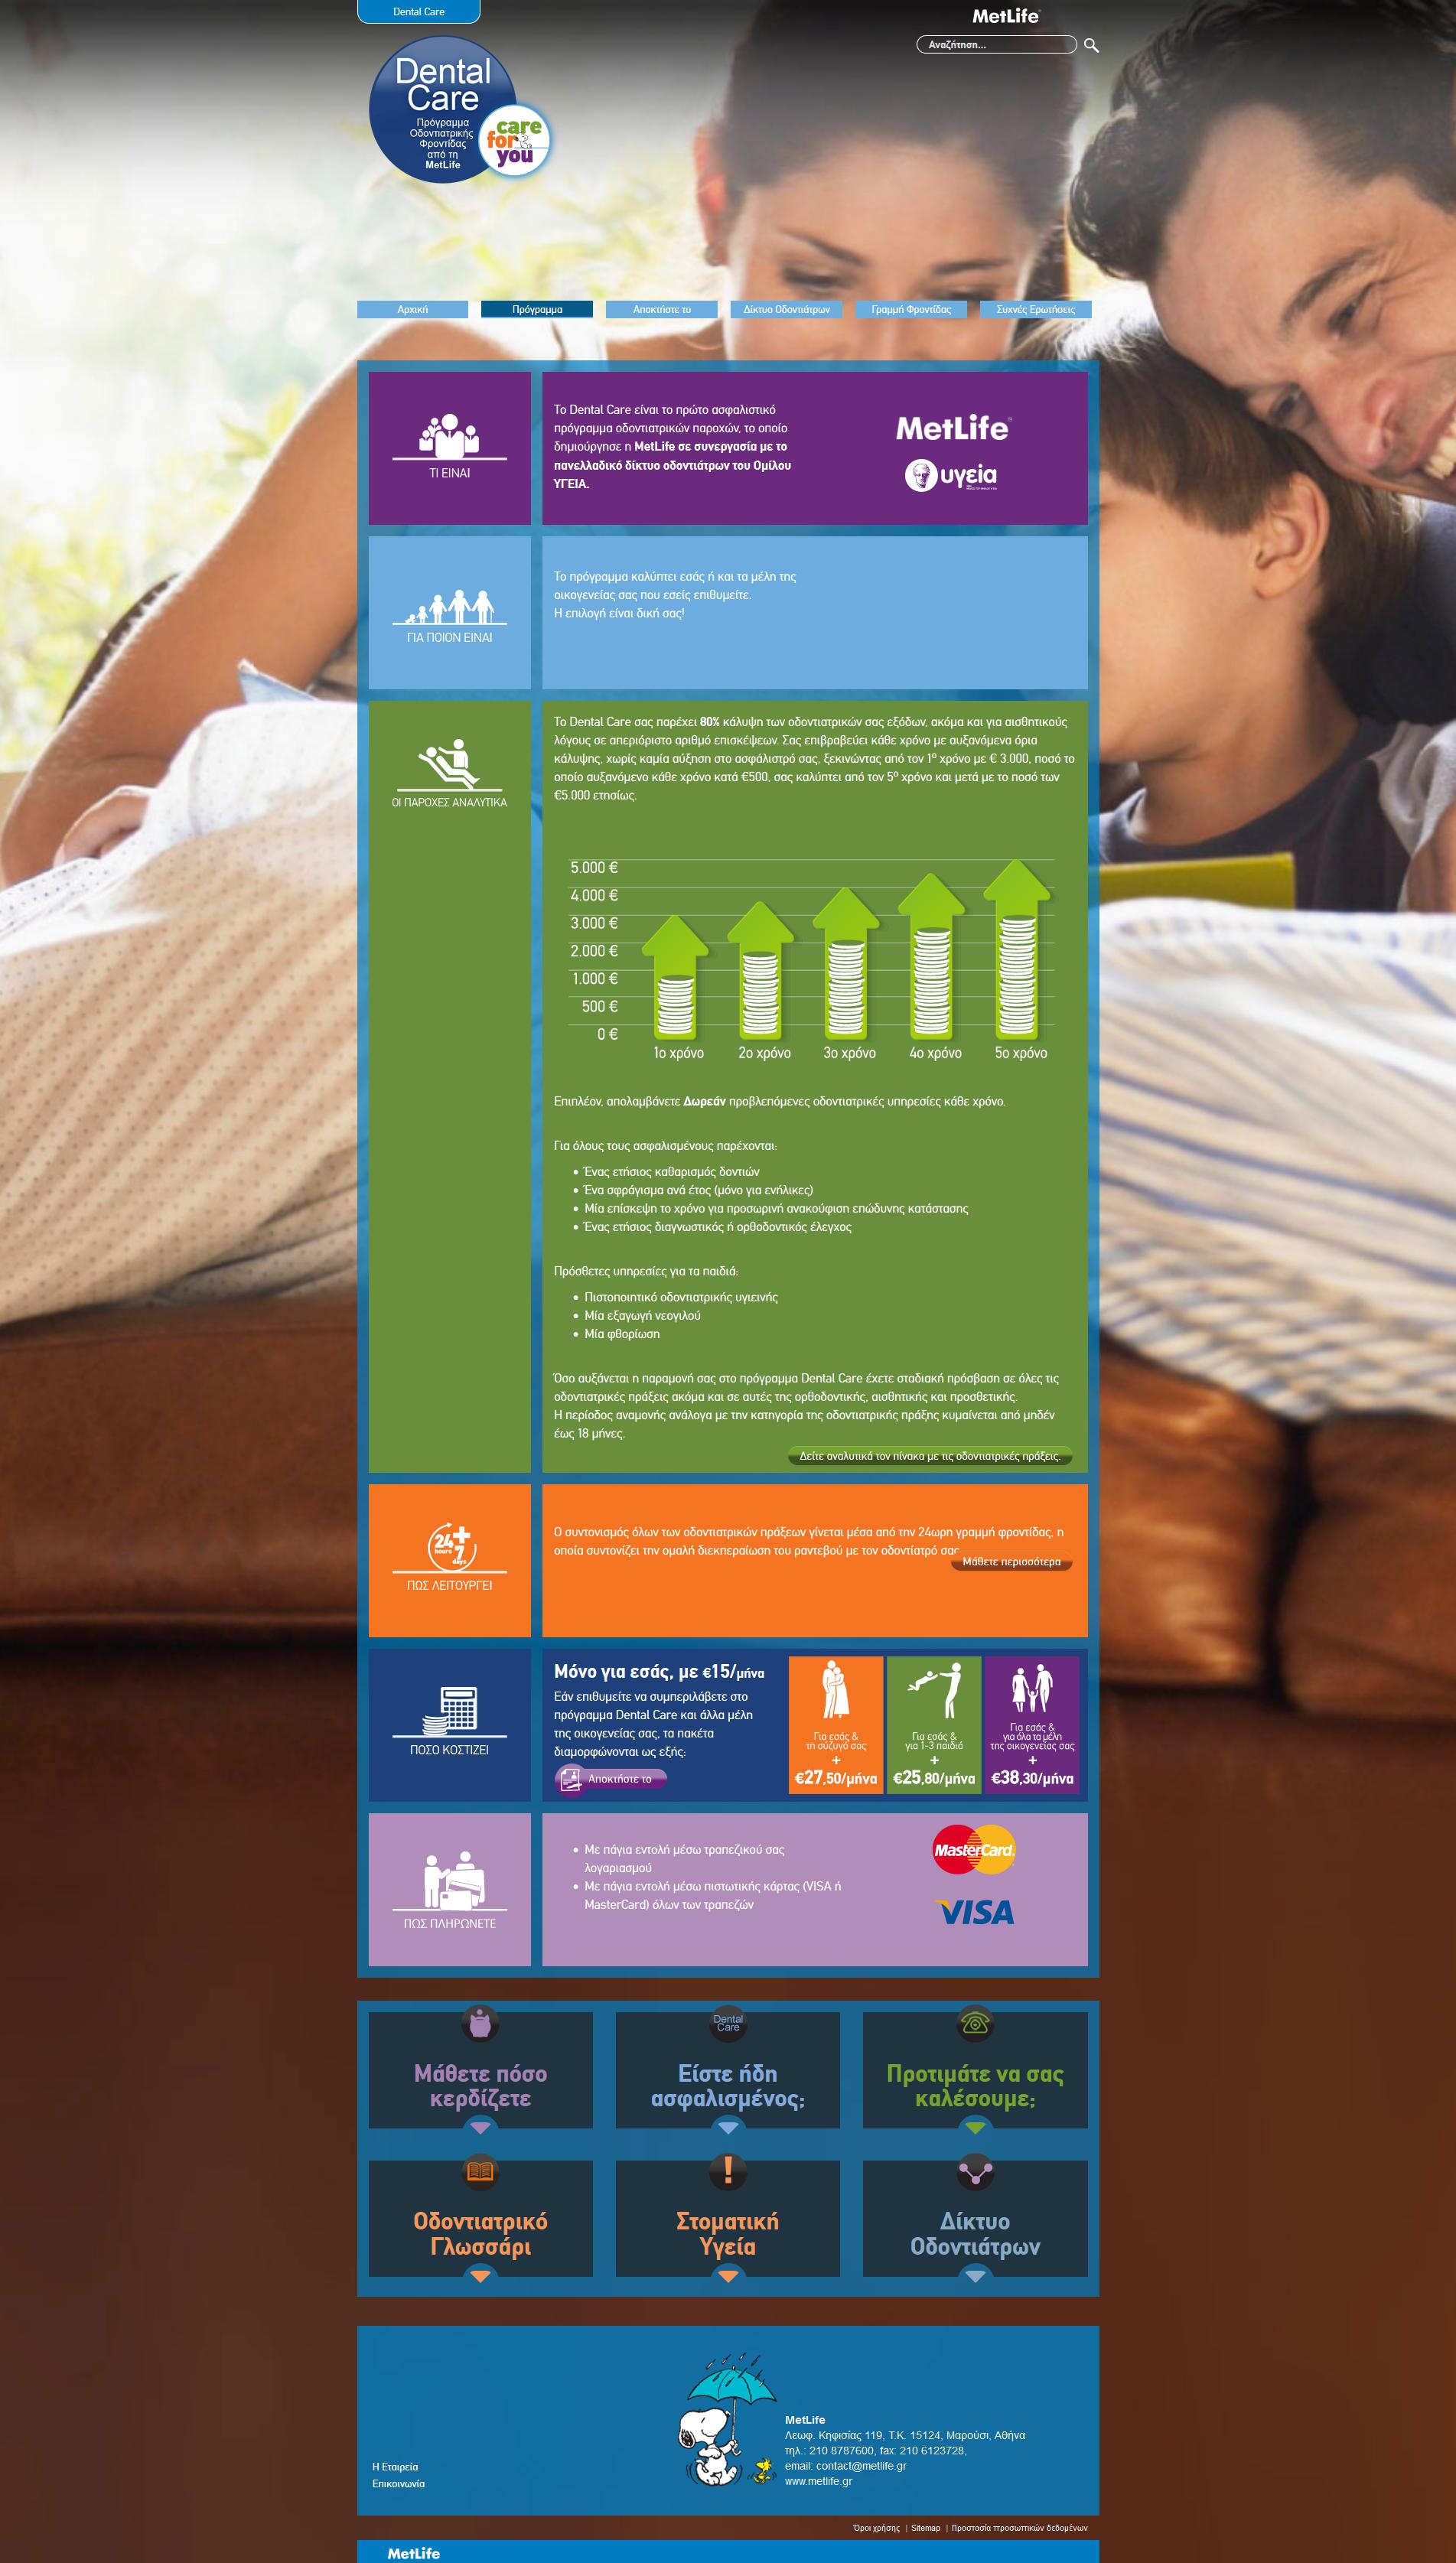 Οδοντιατρική Άσφάλιση Υγείας - Πρόγραμμα 2015-02-25 01-22-19